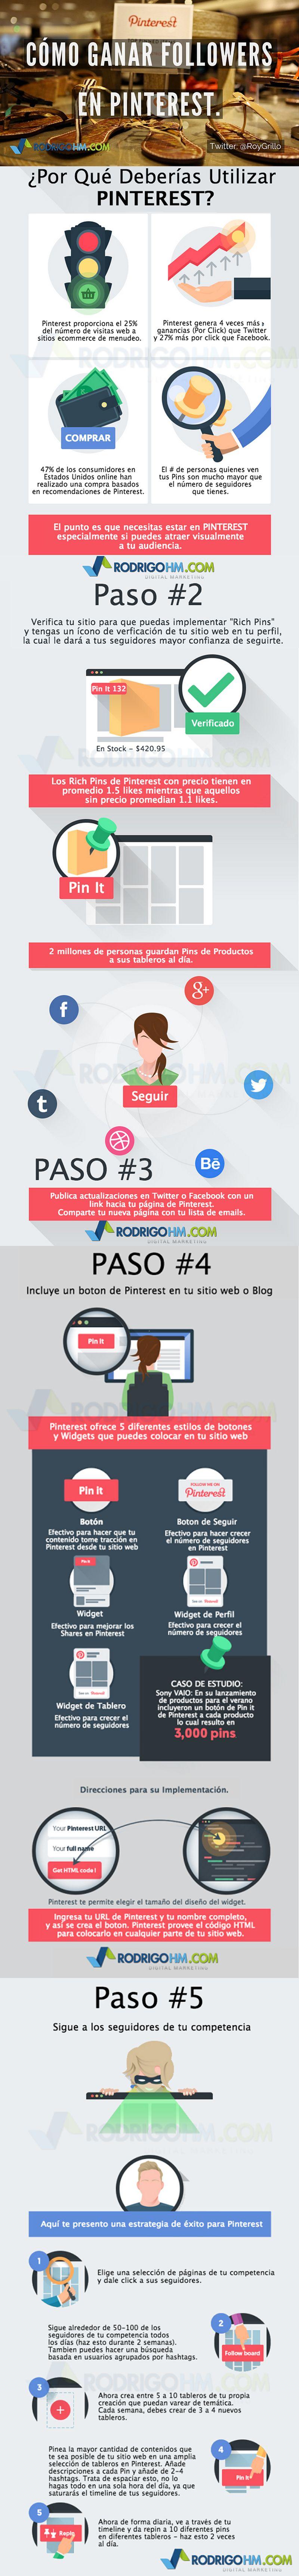 ¿Cómo ganar muchos seguidores en Pinterest? (infografía)